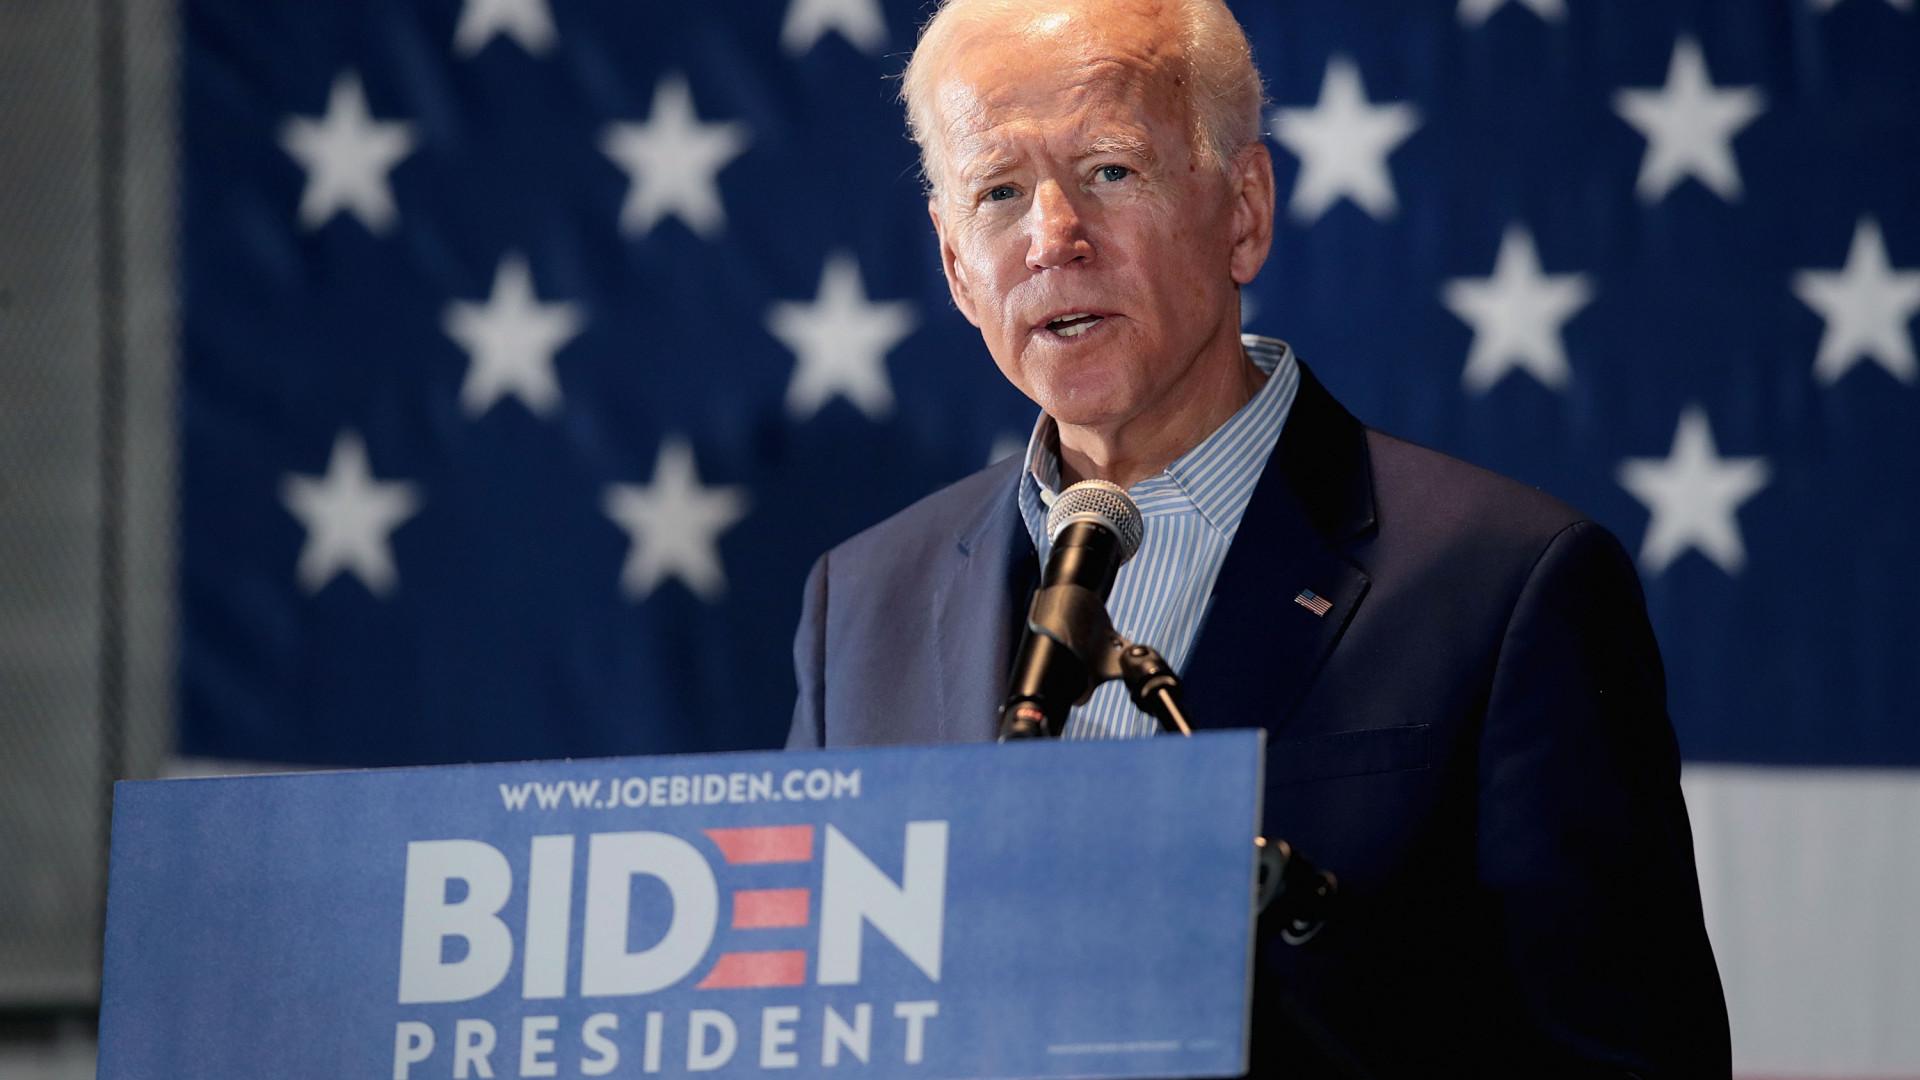 Joe Biden már ma eltörli Donald Trump legemlékezetesebb intézkedéseit